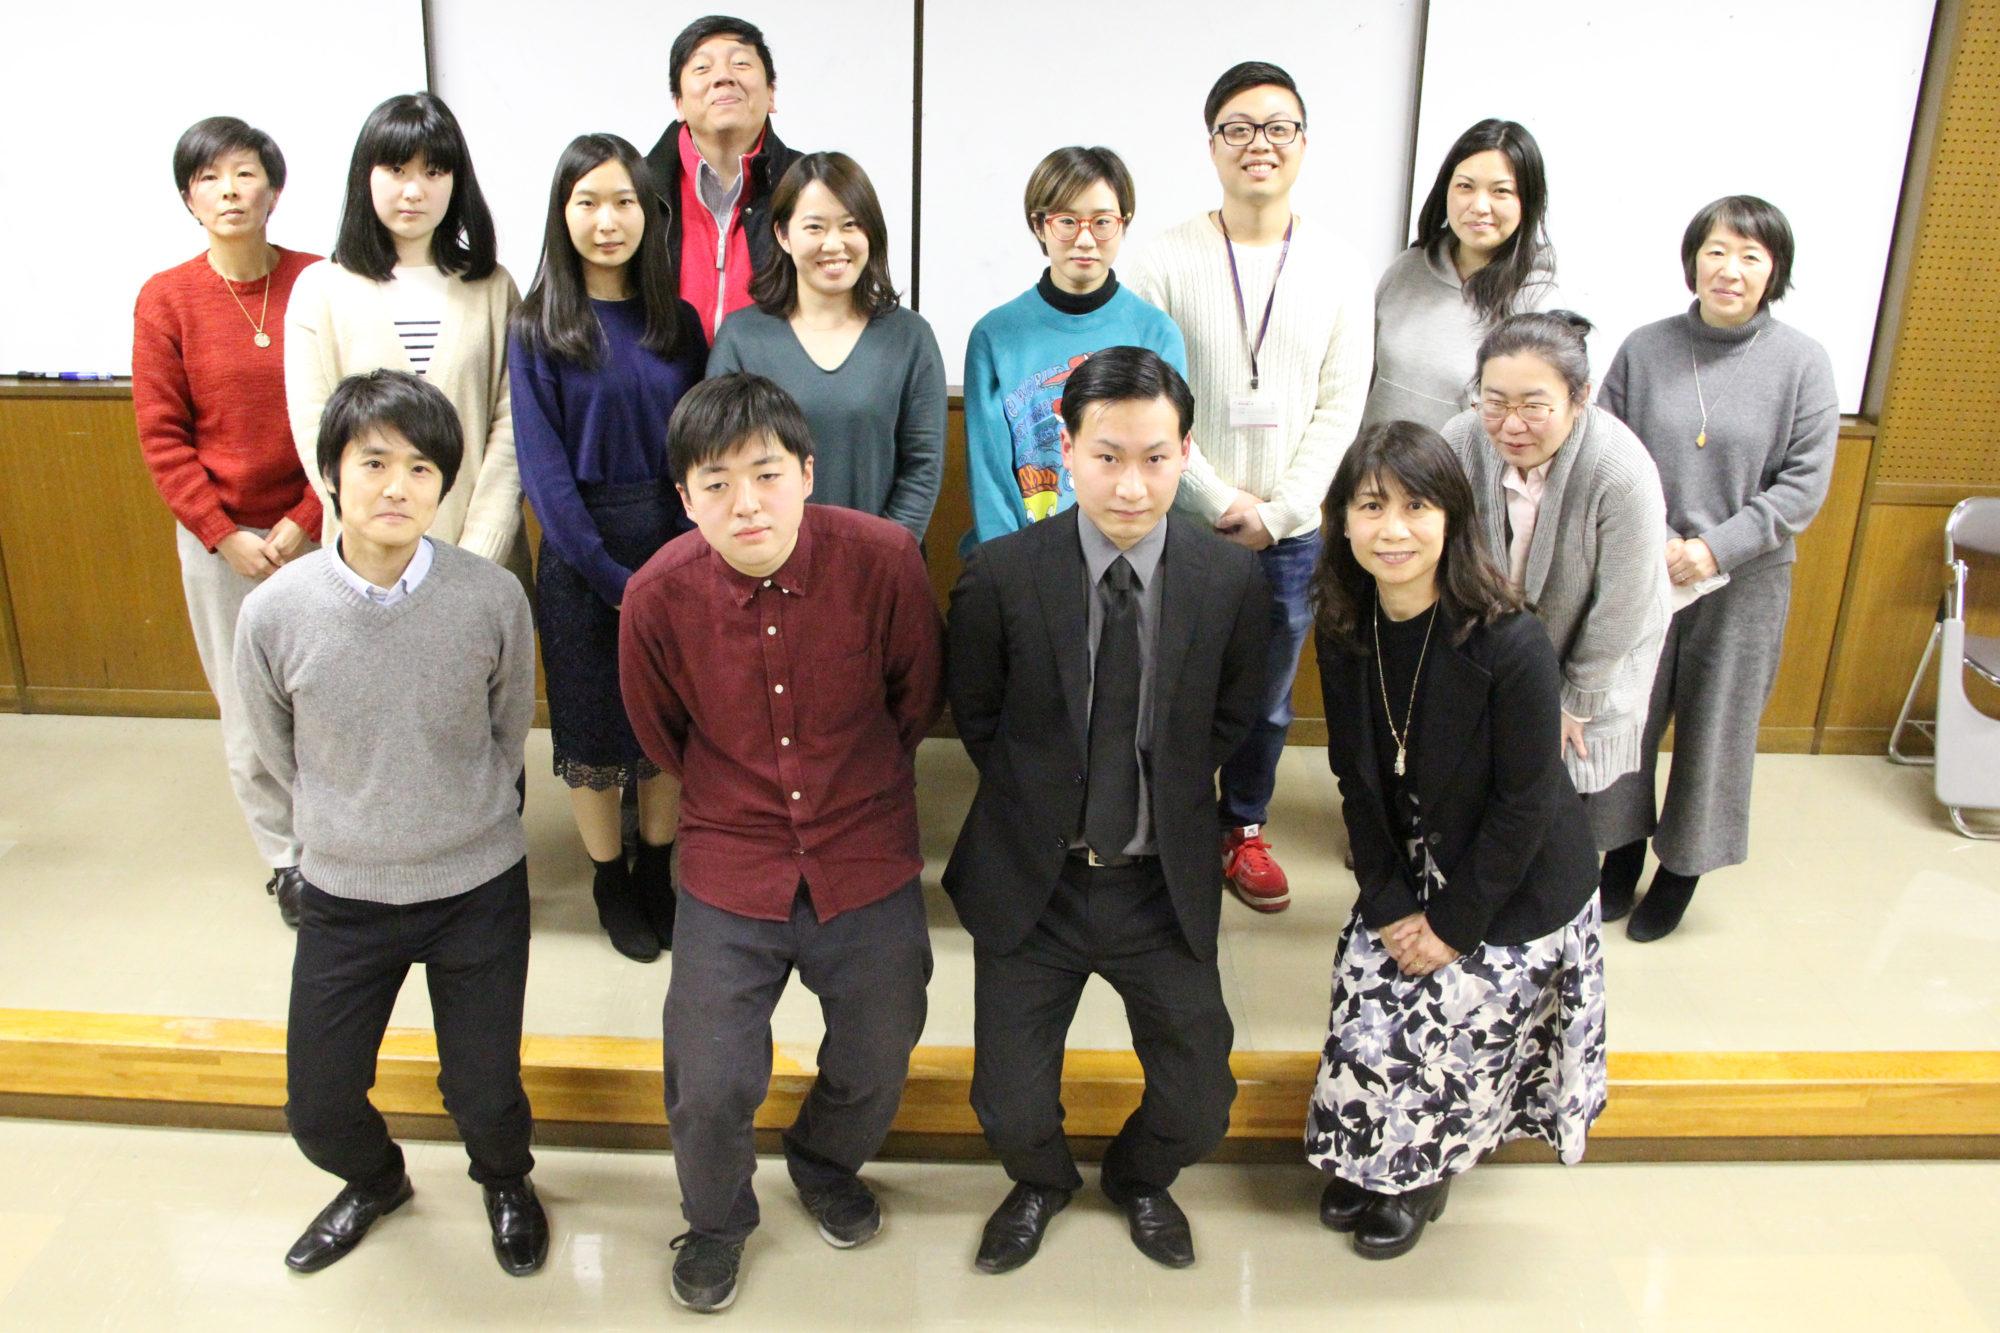 2019年度 英語文化コミュニケーション学科卒業論文発表会を開催しました